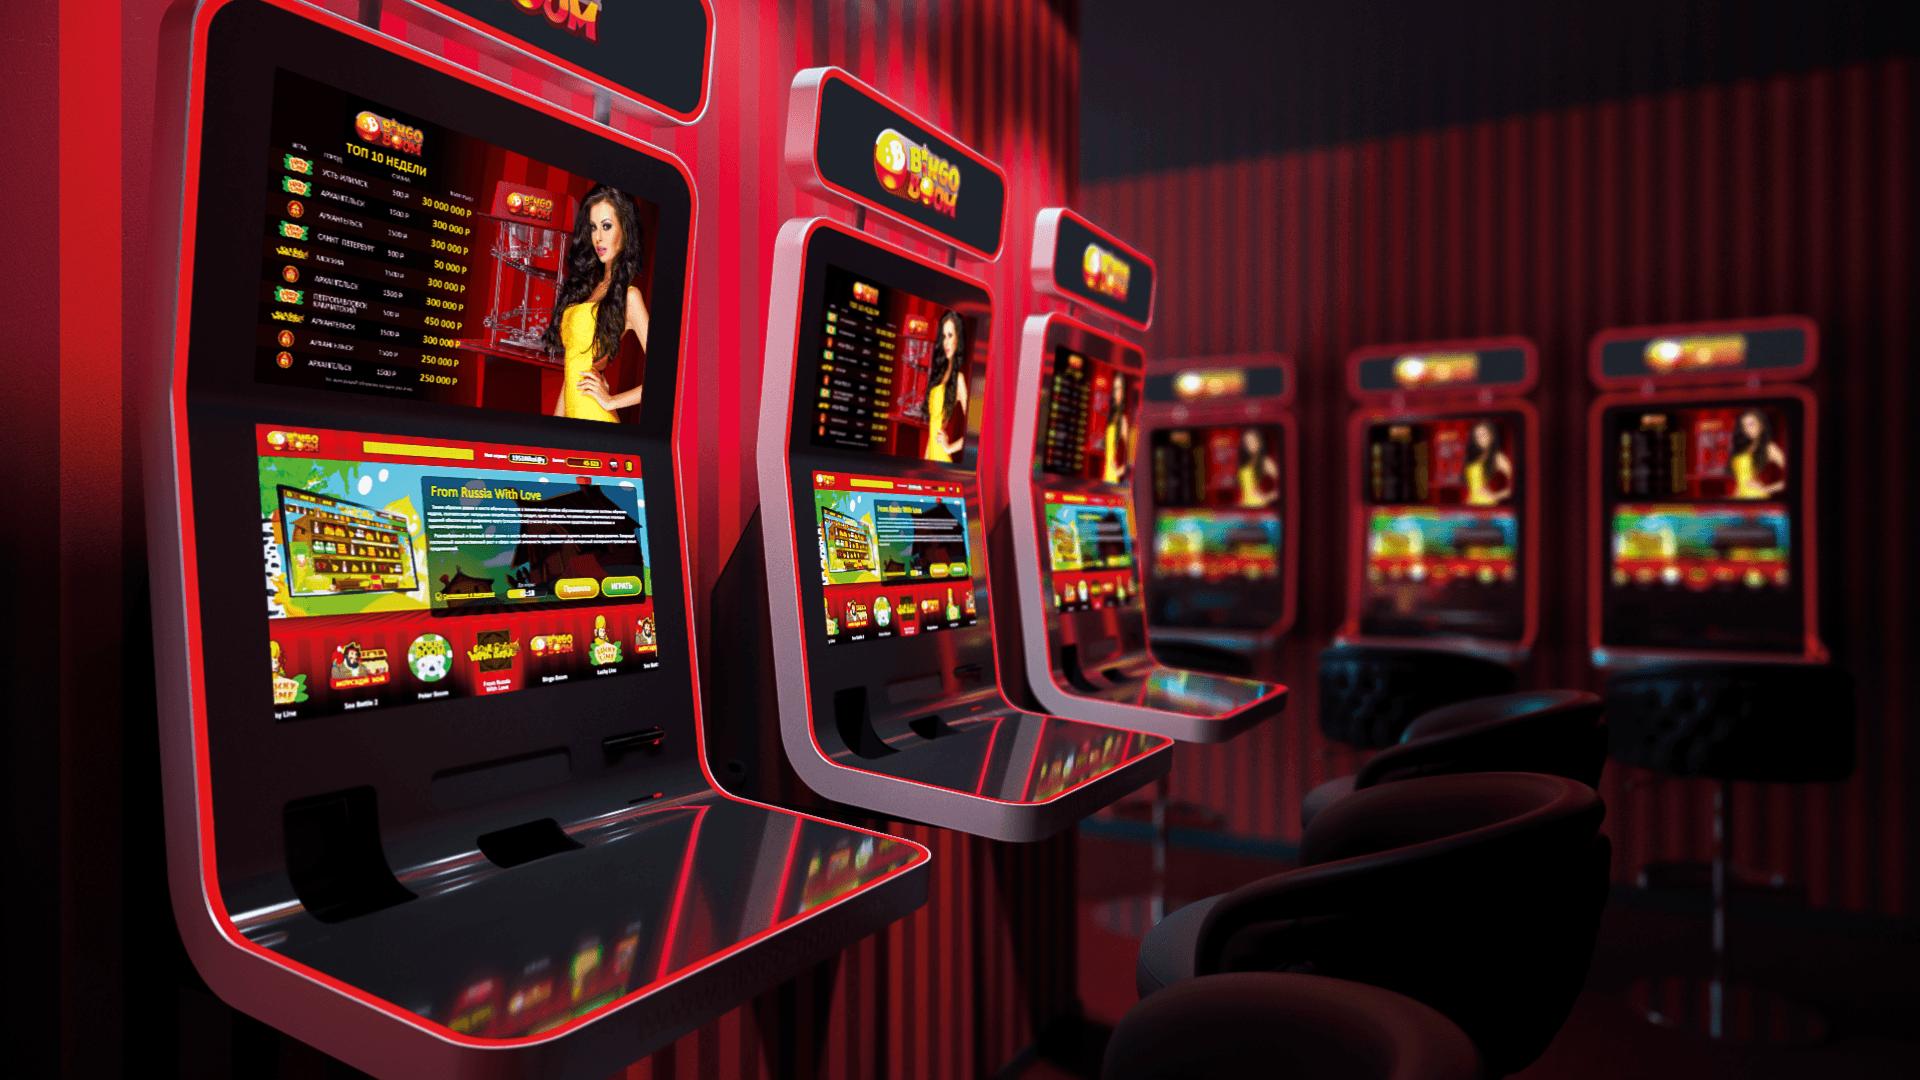 Слот зал игровые автоматы секс рулетка по веб камера онлайн